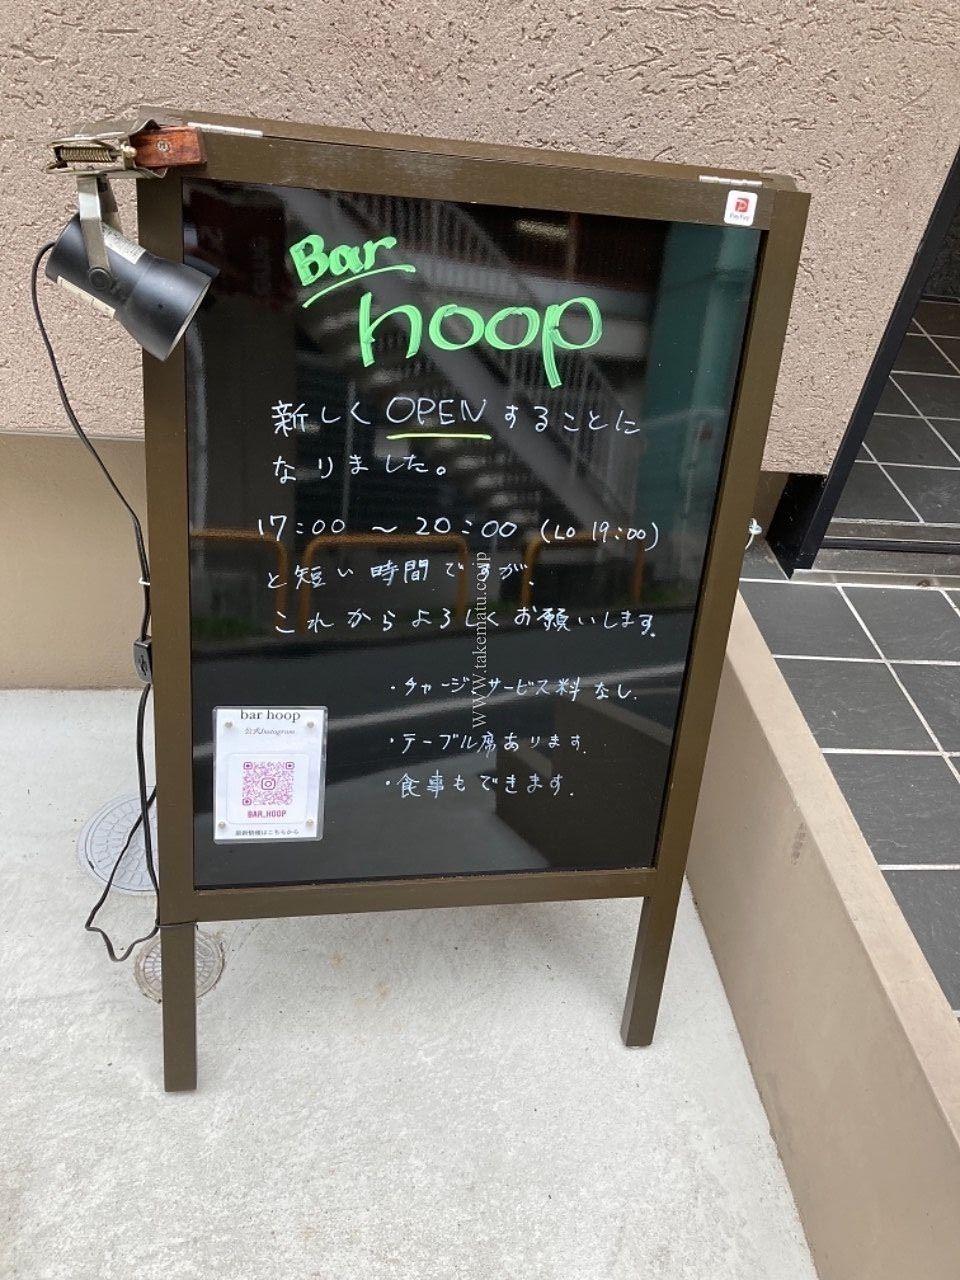 移転しました! 新装開店! パスタが美味しいバー小岩 hoop フープ